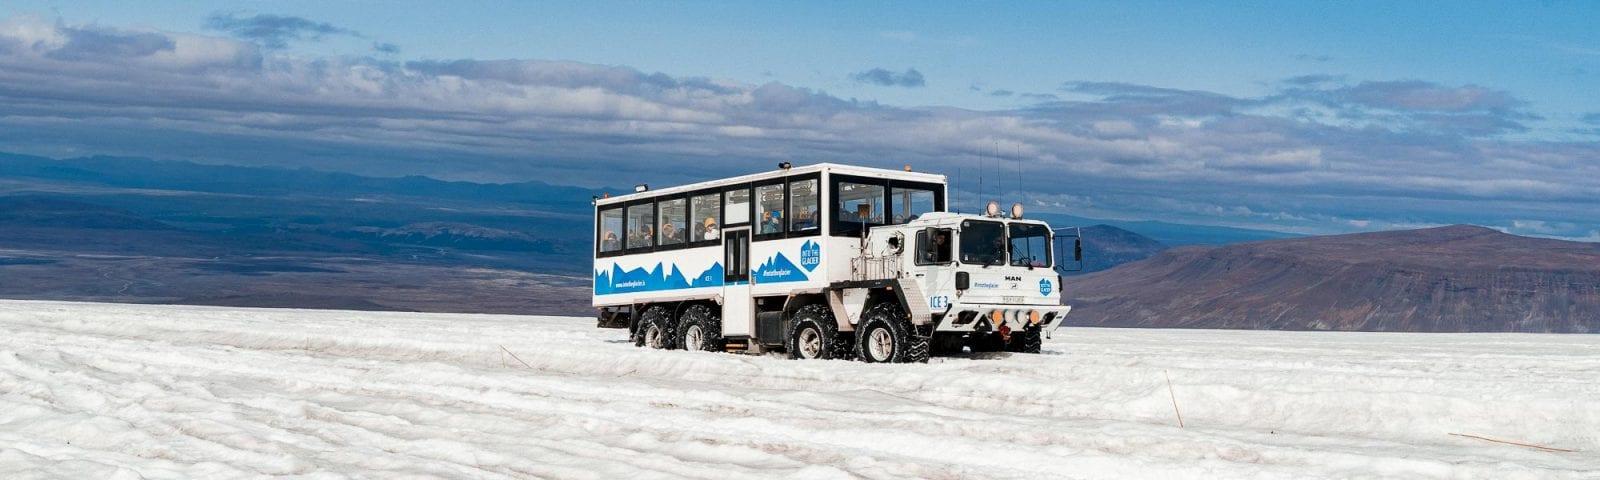 Huge track on glacier in Iceland